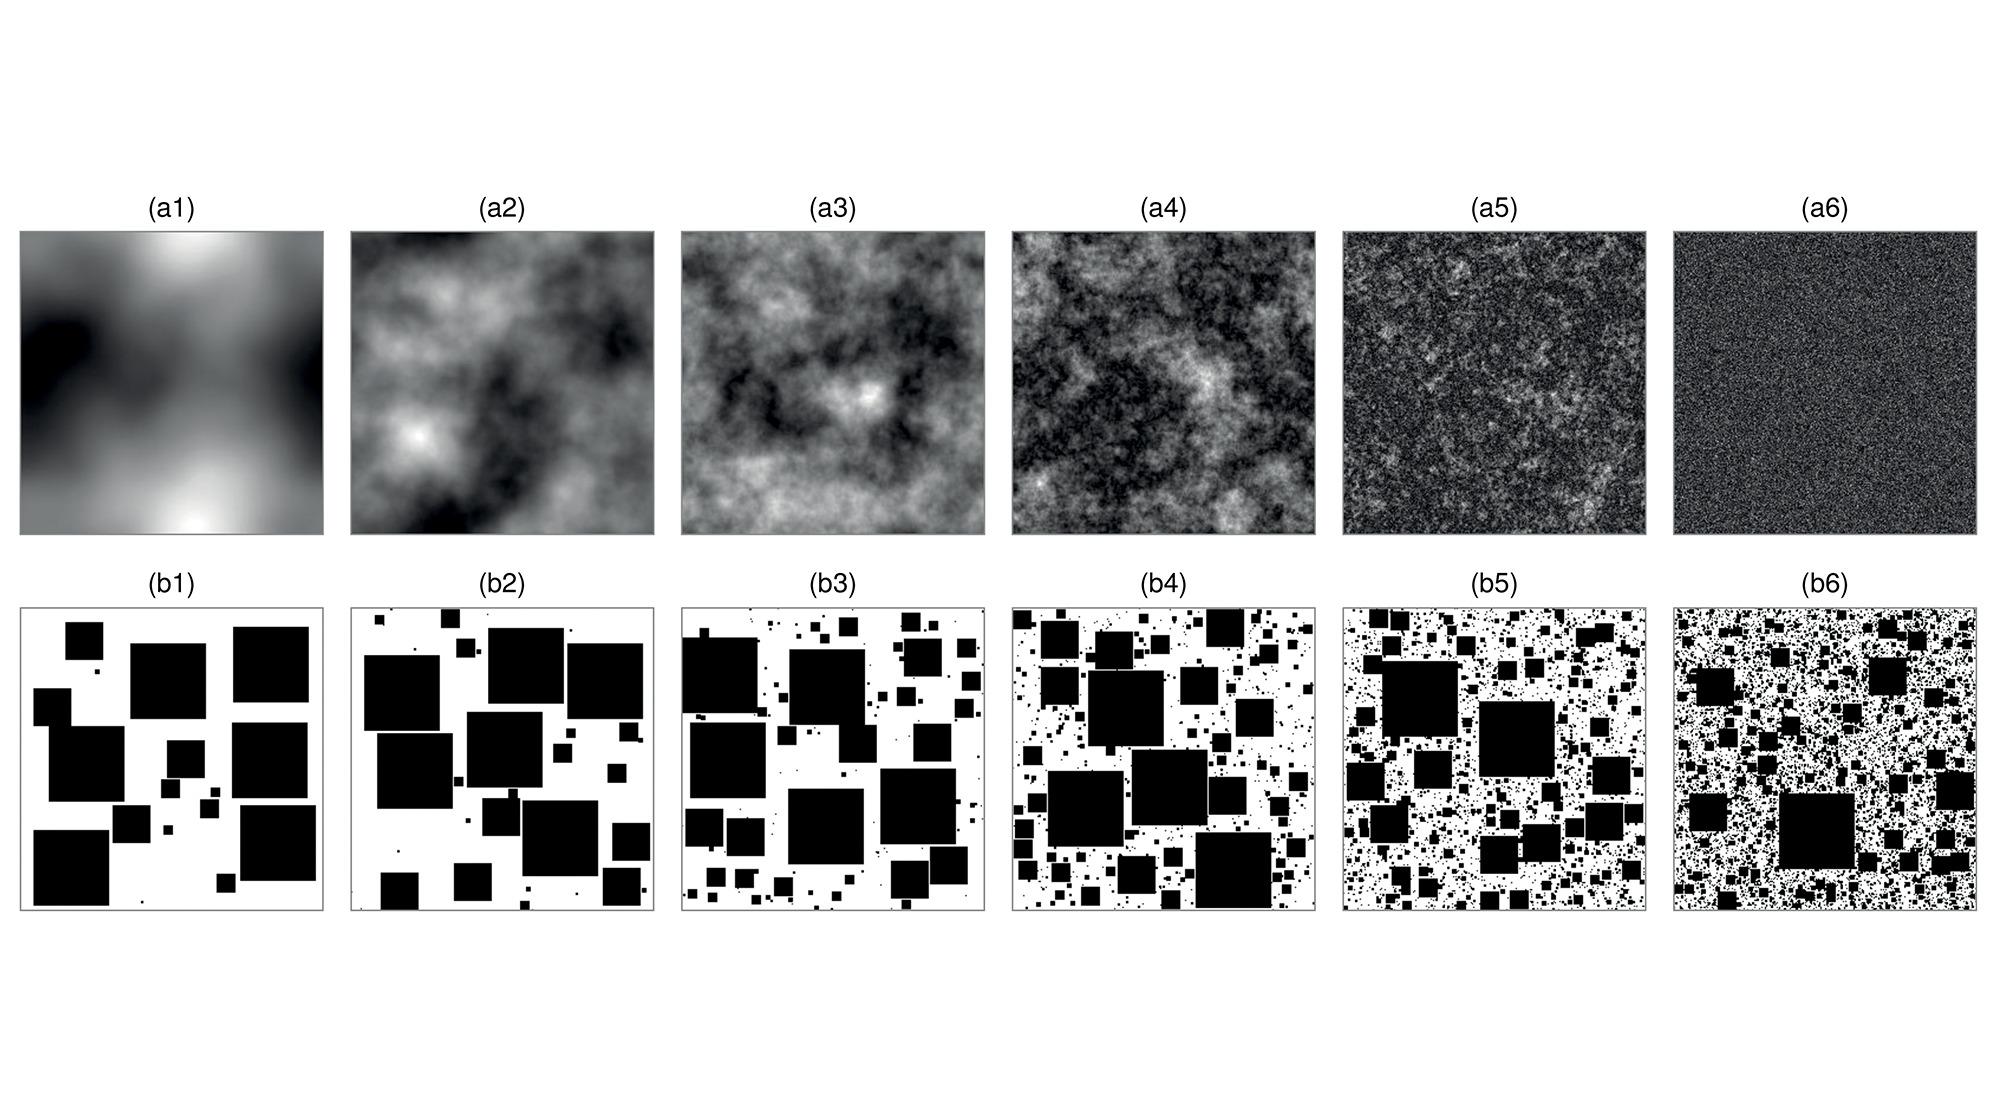 Nous avons donc généré des séries d'images aléatoires, avec des degrés de complexité croissante afin de quantifier la beauté